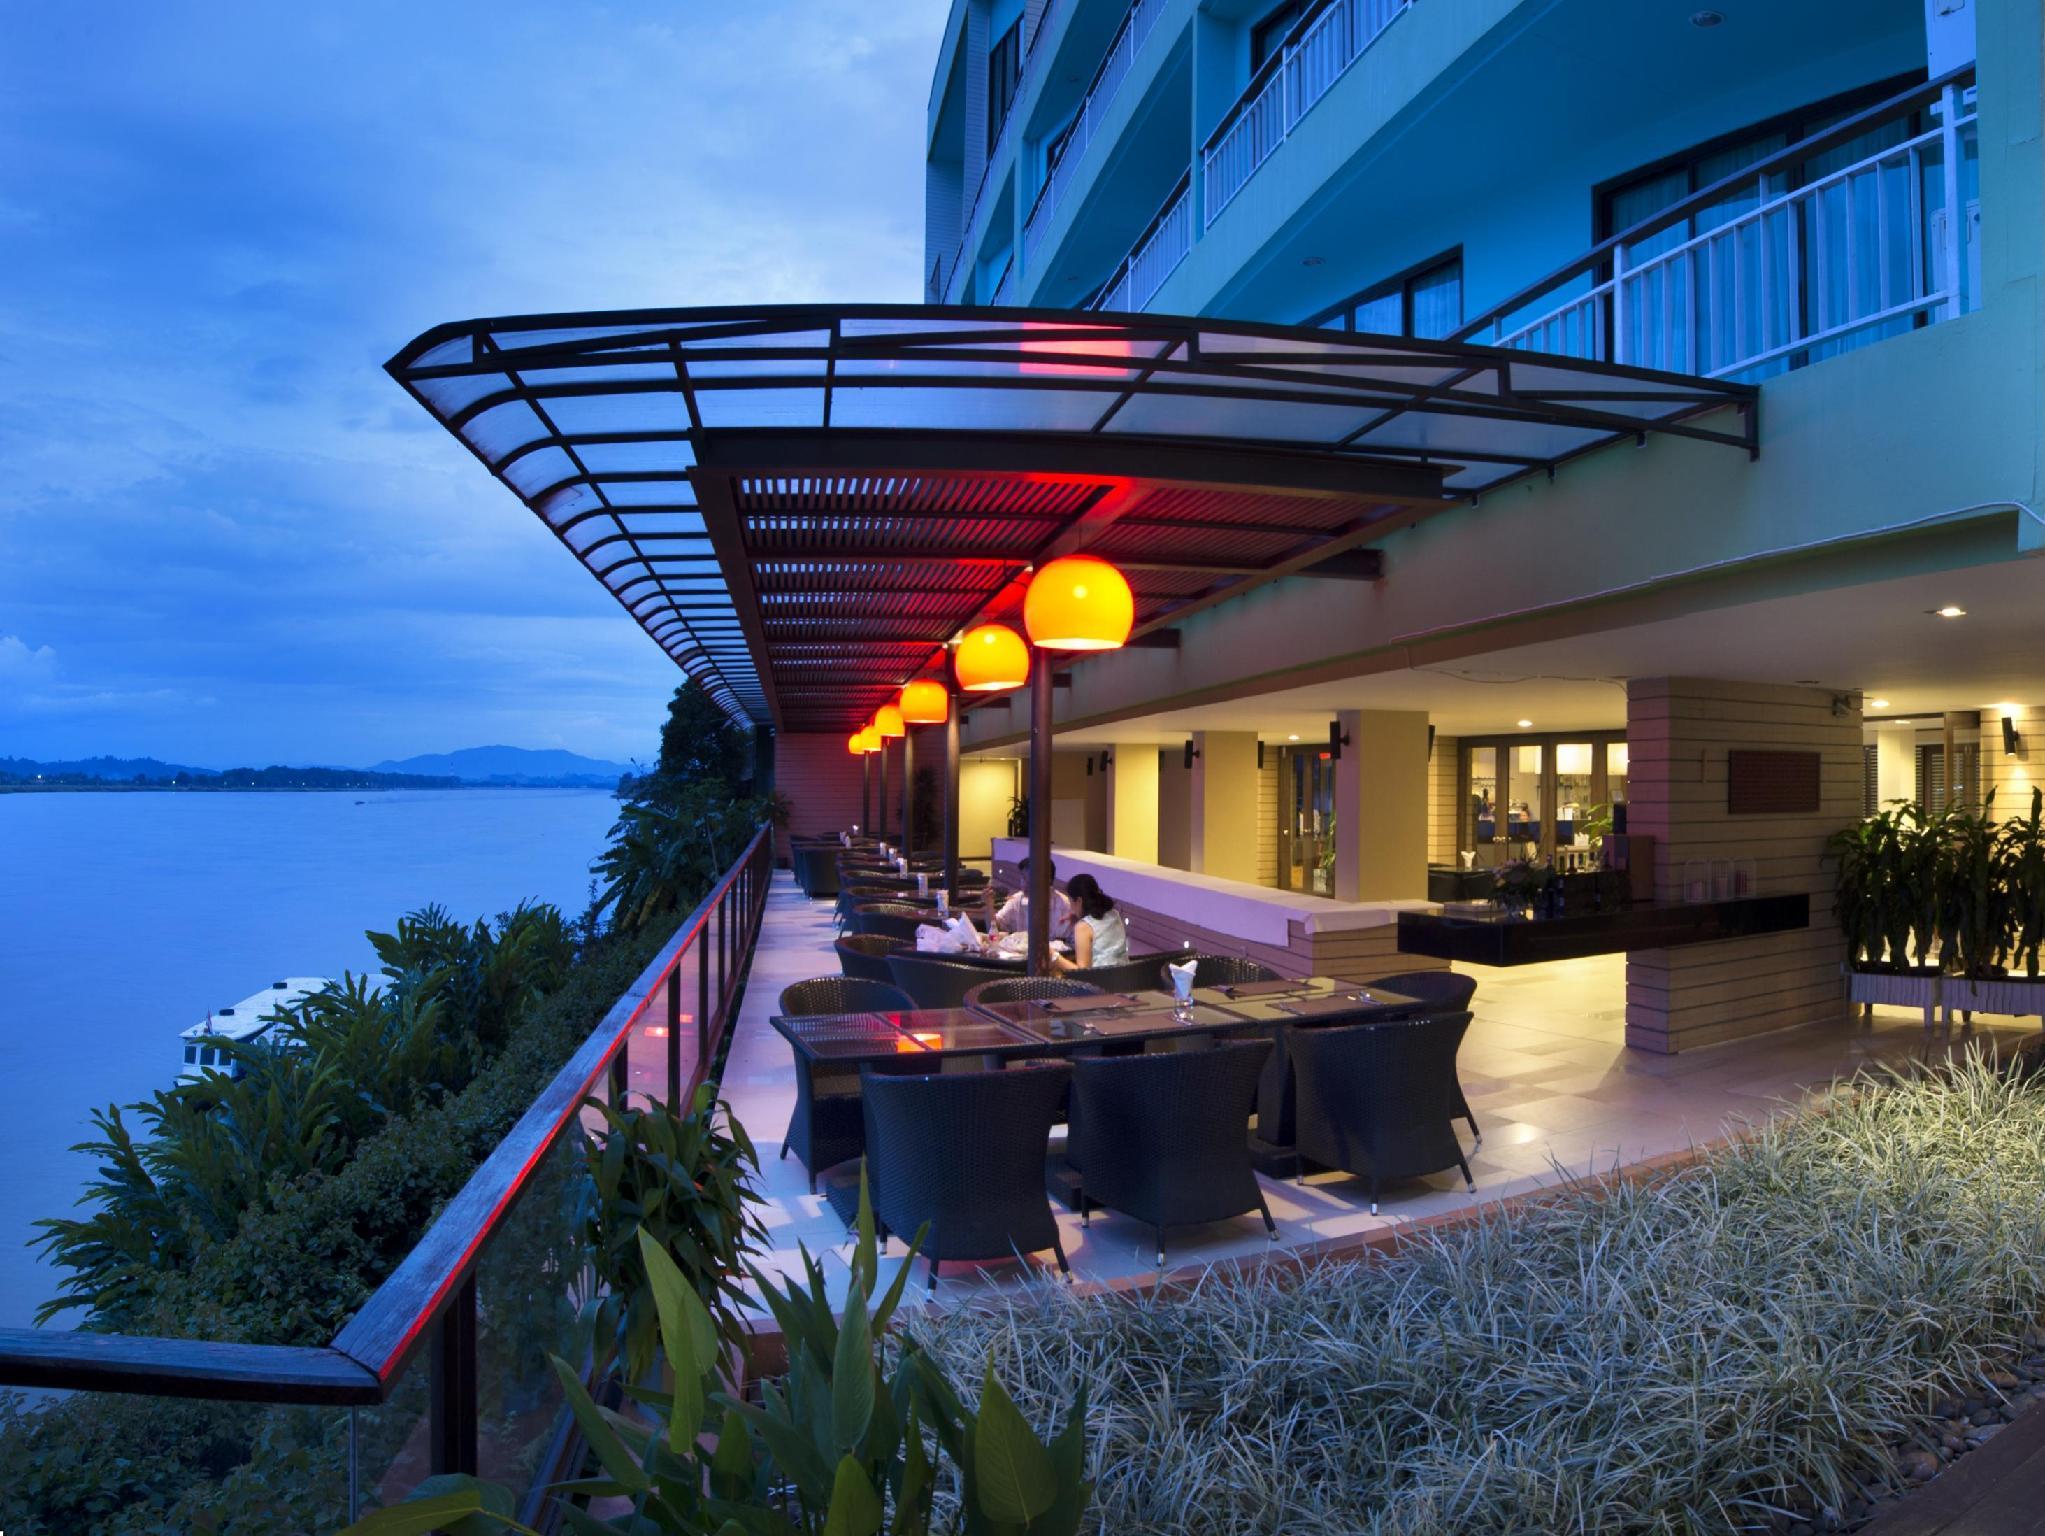 โรงแรมซีรีน แอท เชียงราย